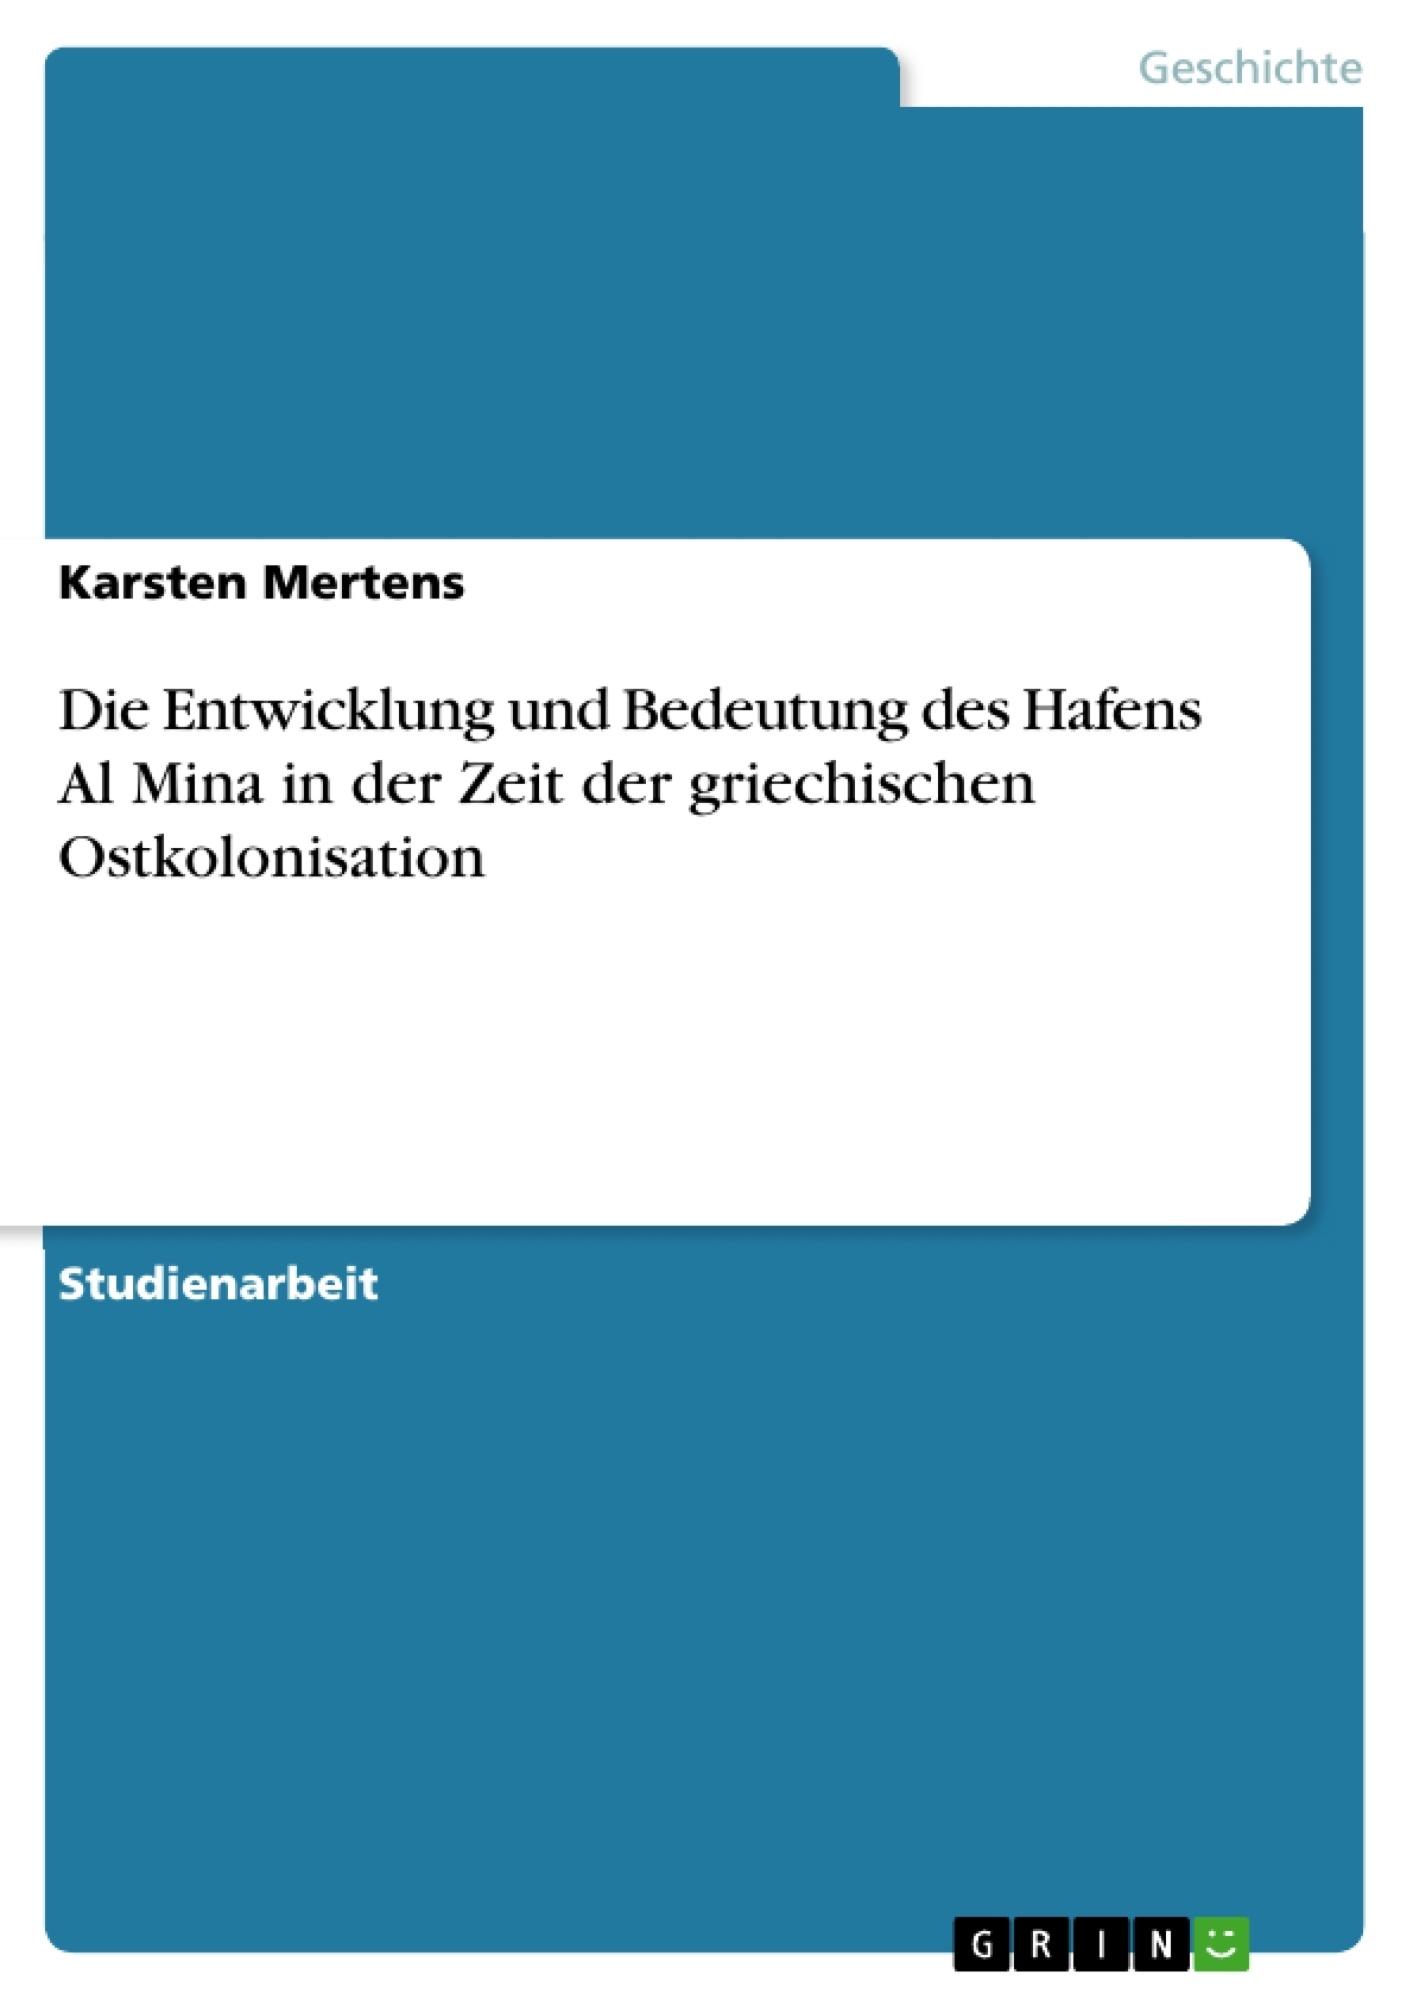 Titel: Die Entwicklung und Bedeutung des Hafens Al Mina in der Zeit der griechischen Ostkolonisation